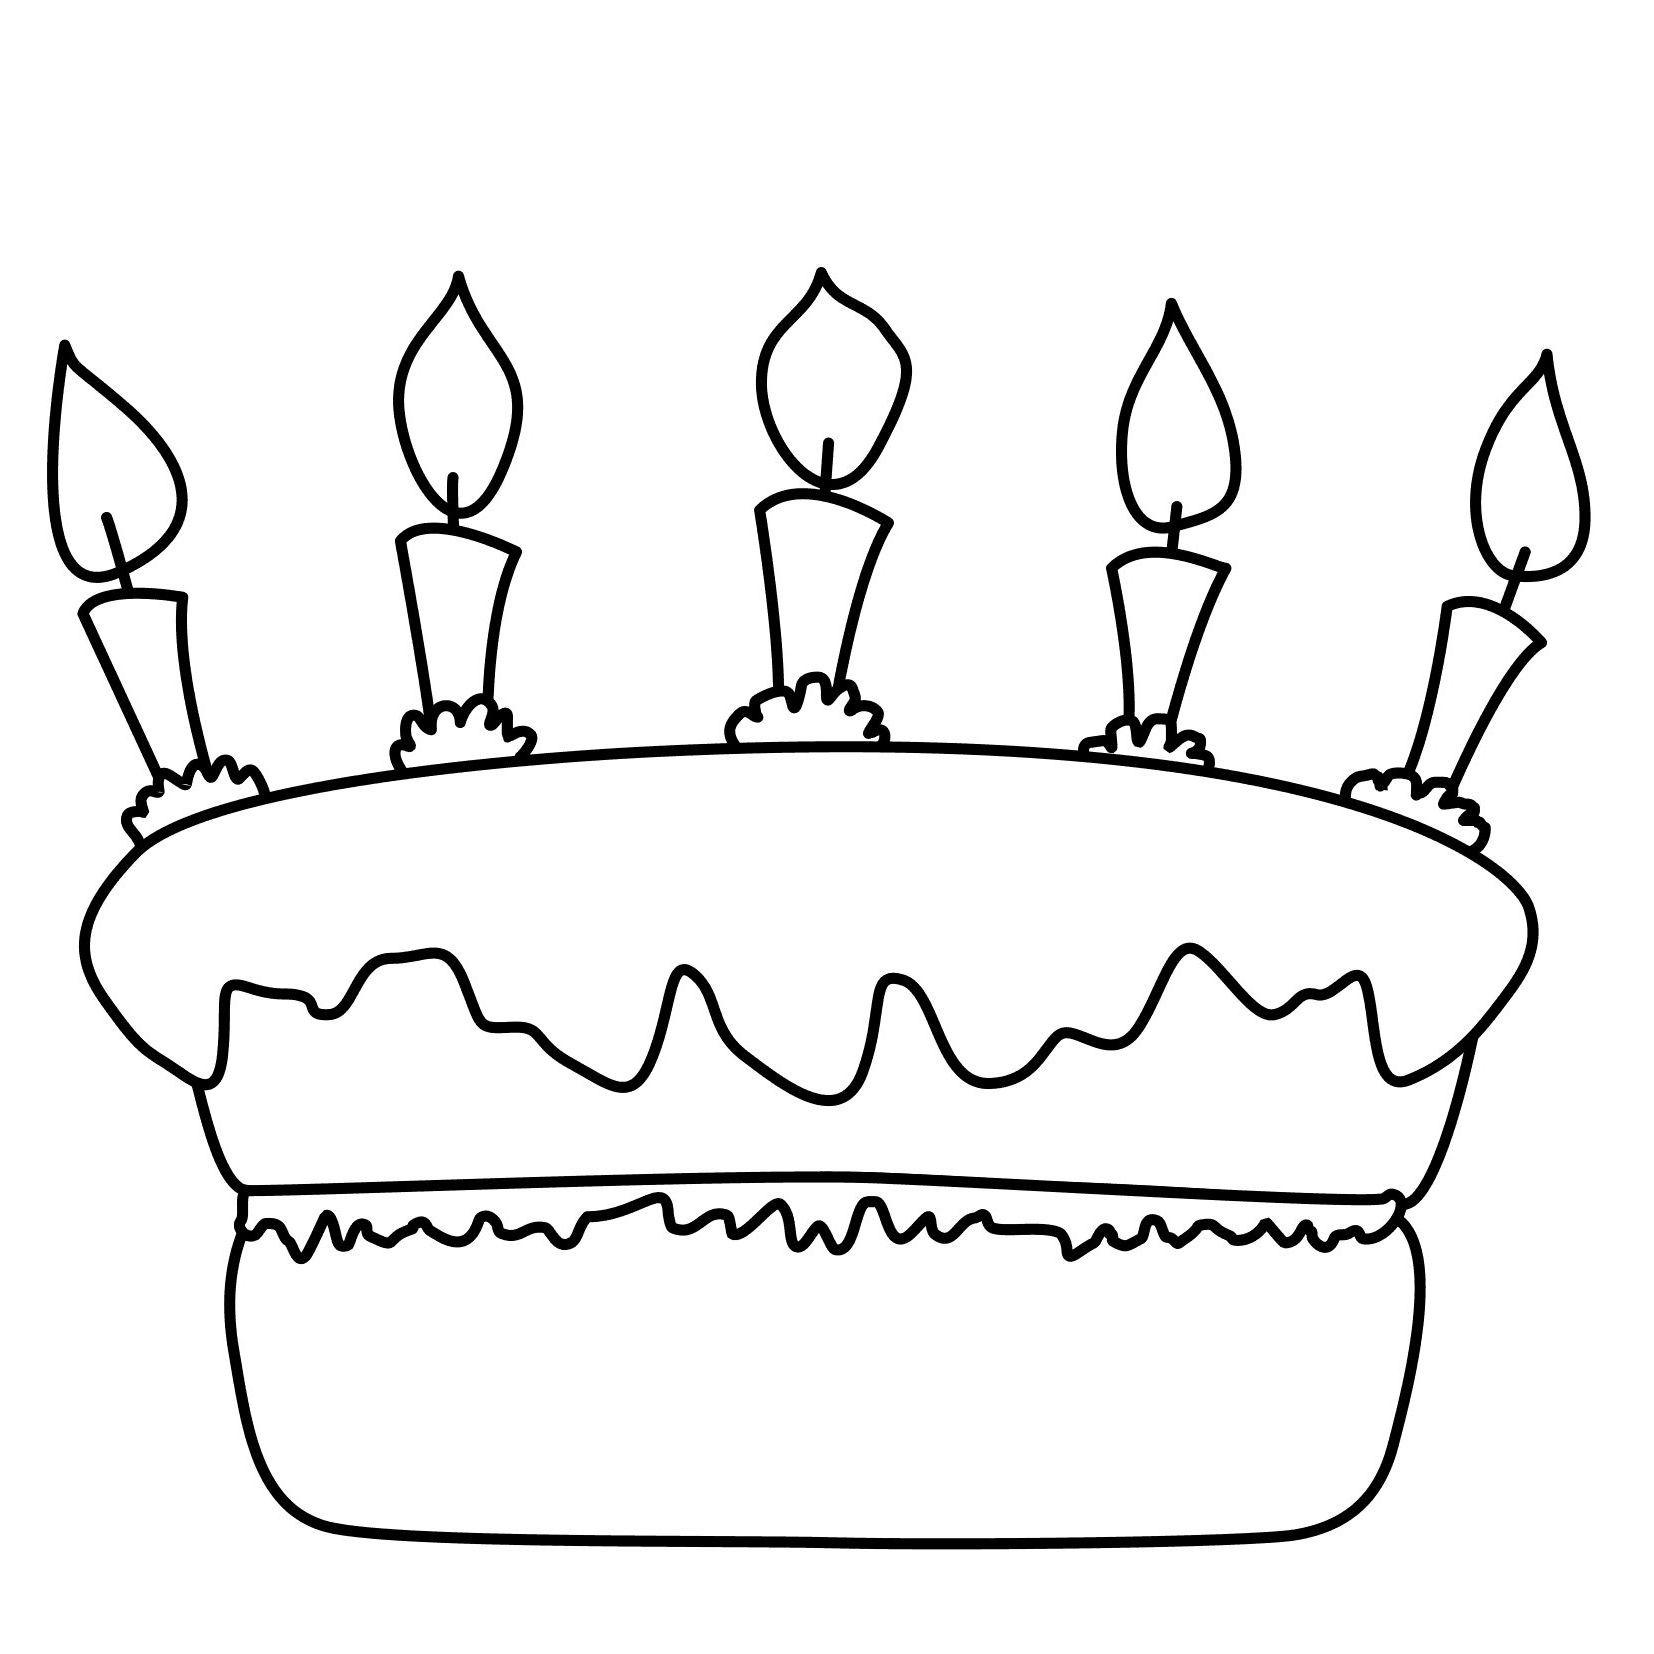 Картинка с днем рождения картинка распечатать, гарем